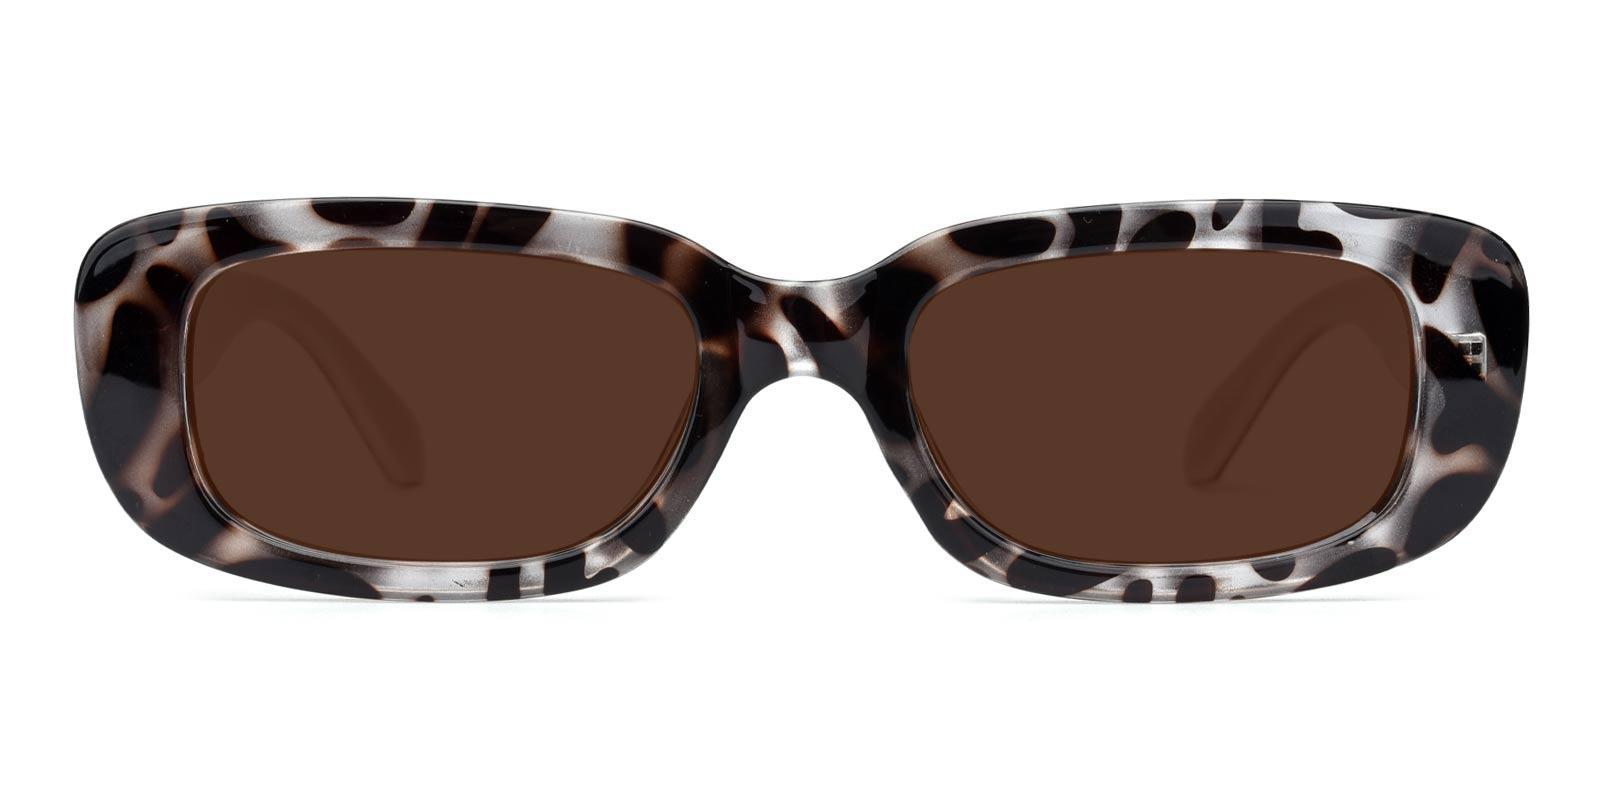 Influencer-Tortoise-Rectangle-TR-Eyeglasses-detail